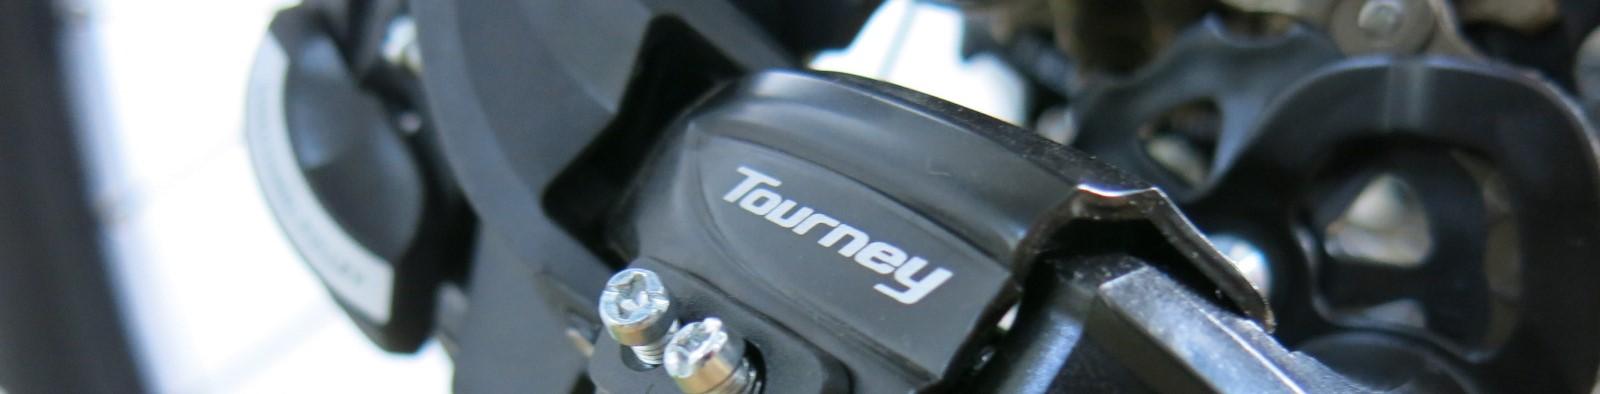 Detalhe Shimano Tourney